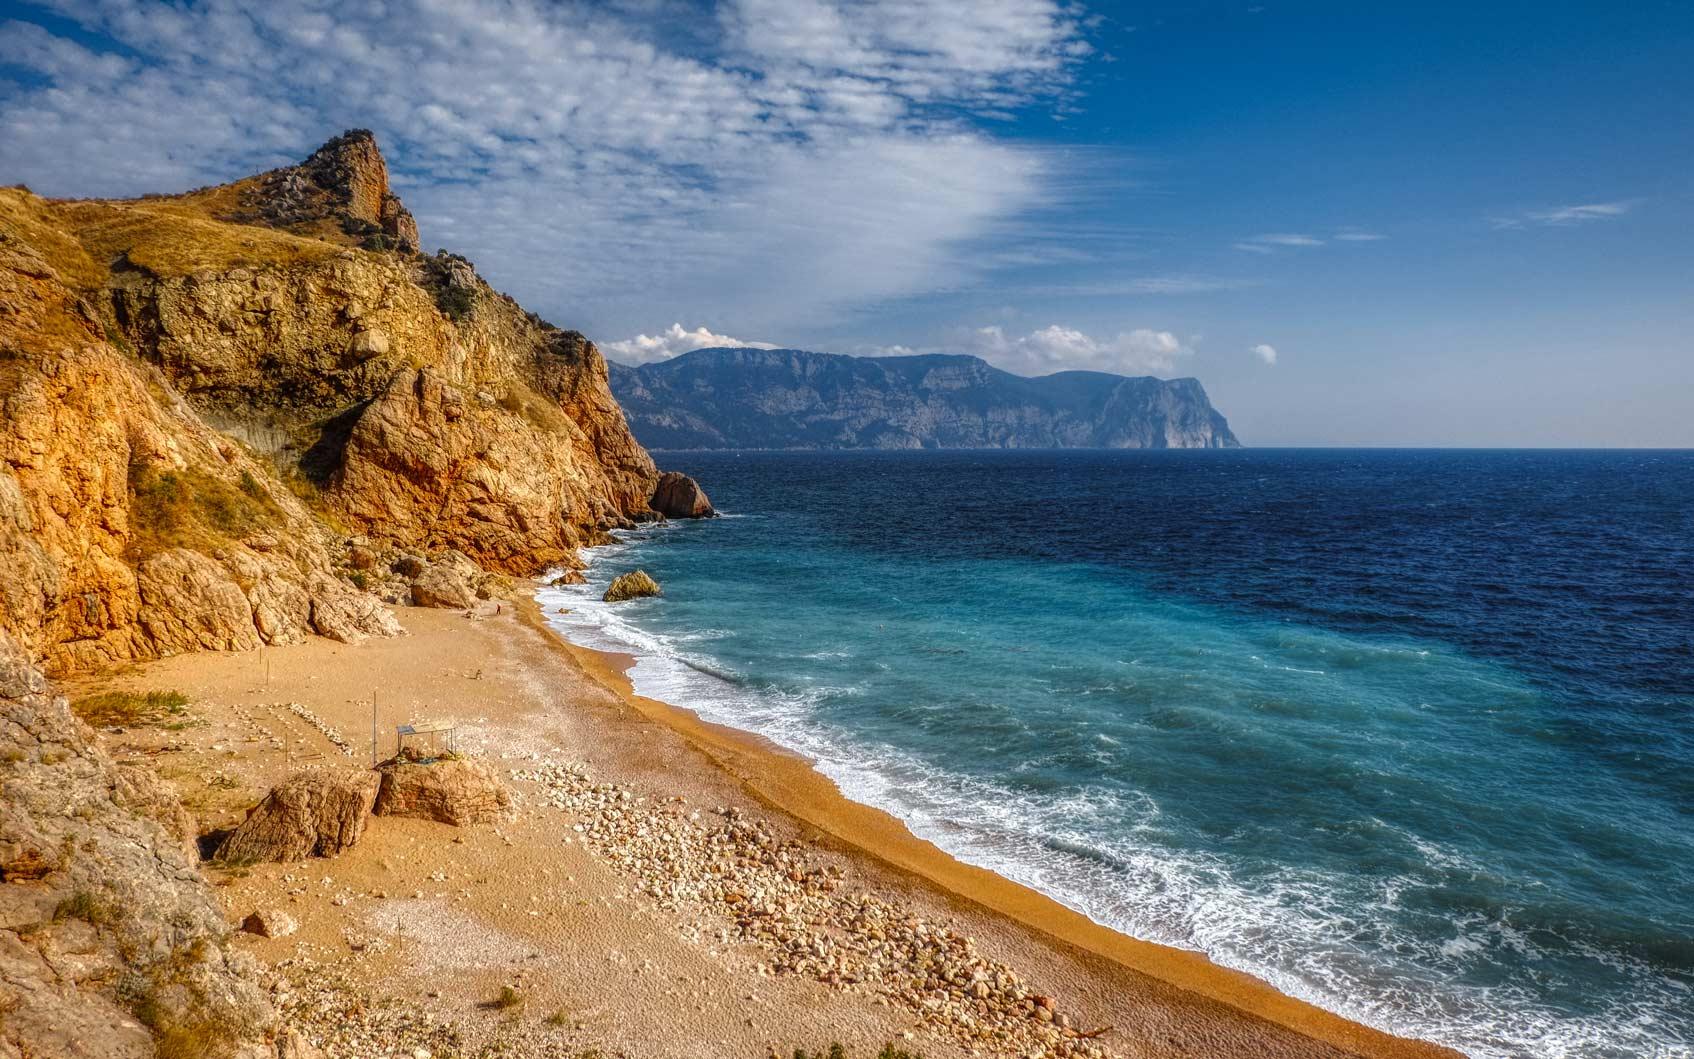 лучший пляж балаклавы